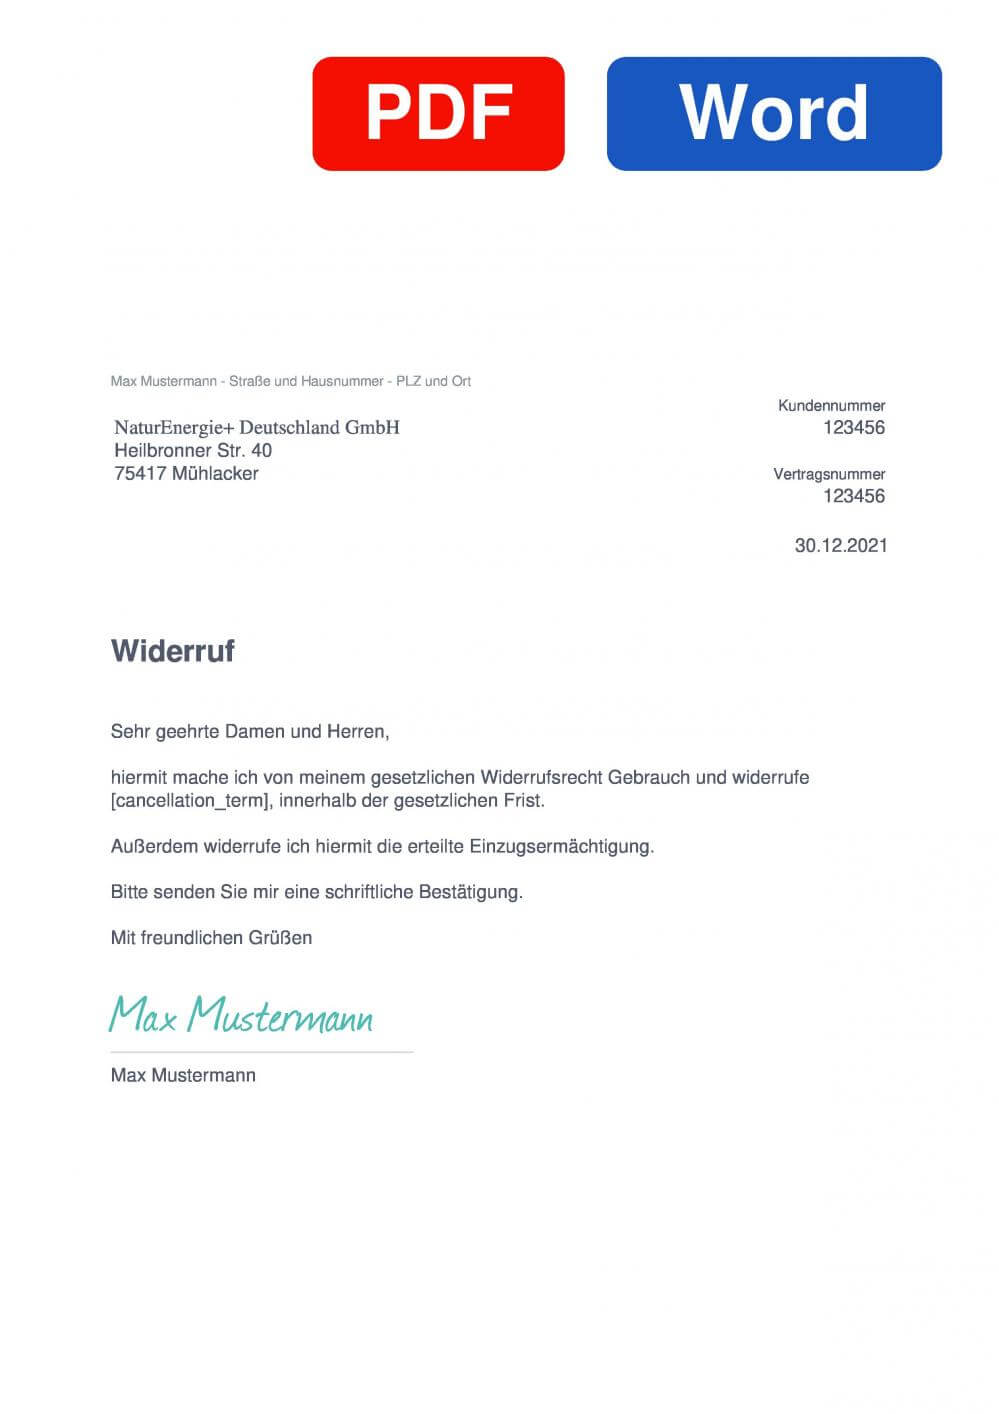 NaturEnergiePlus Muster Vorlage für Wiederrufsschreiben